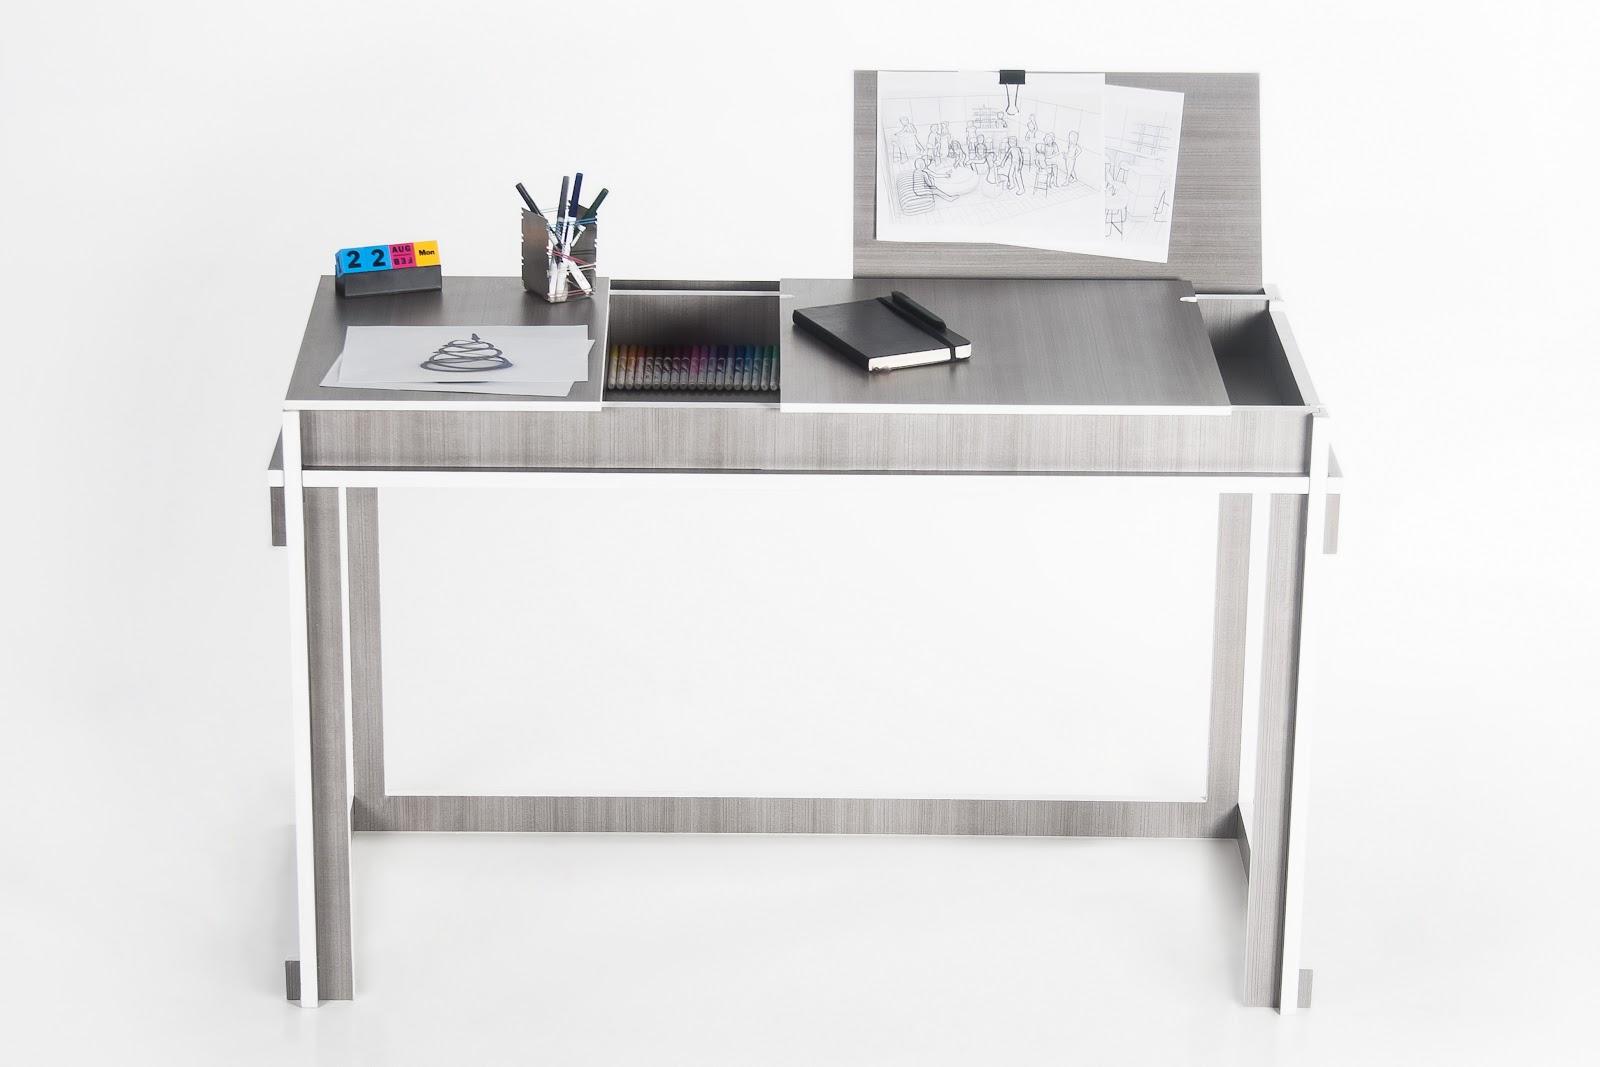 Nueva linea de mobiliario para peque os espacios Mobiliario para espacios reducidos